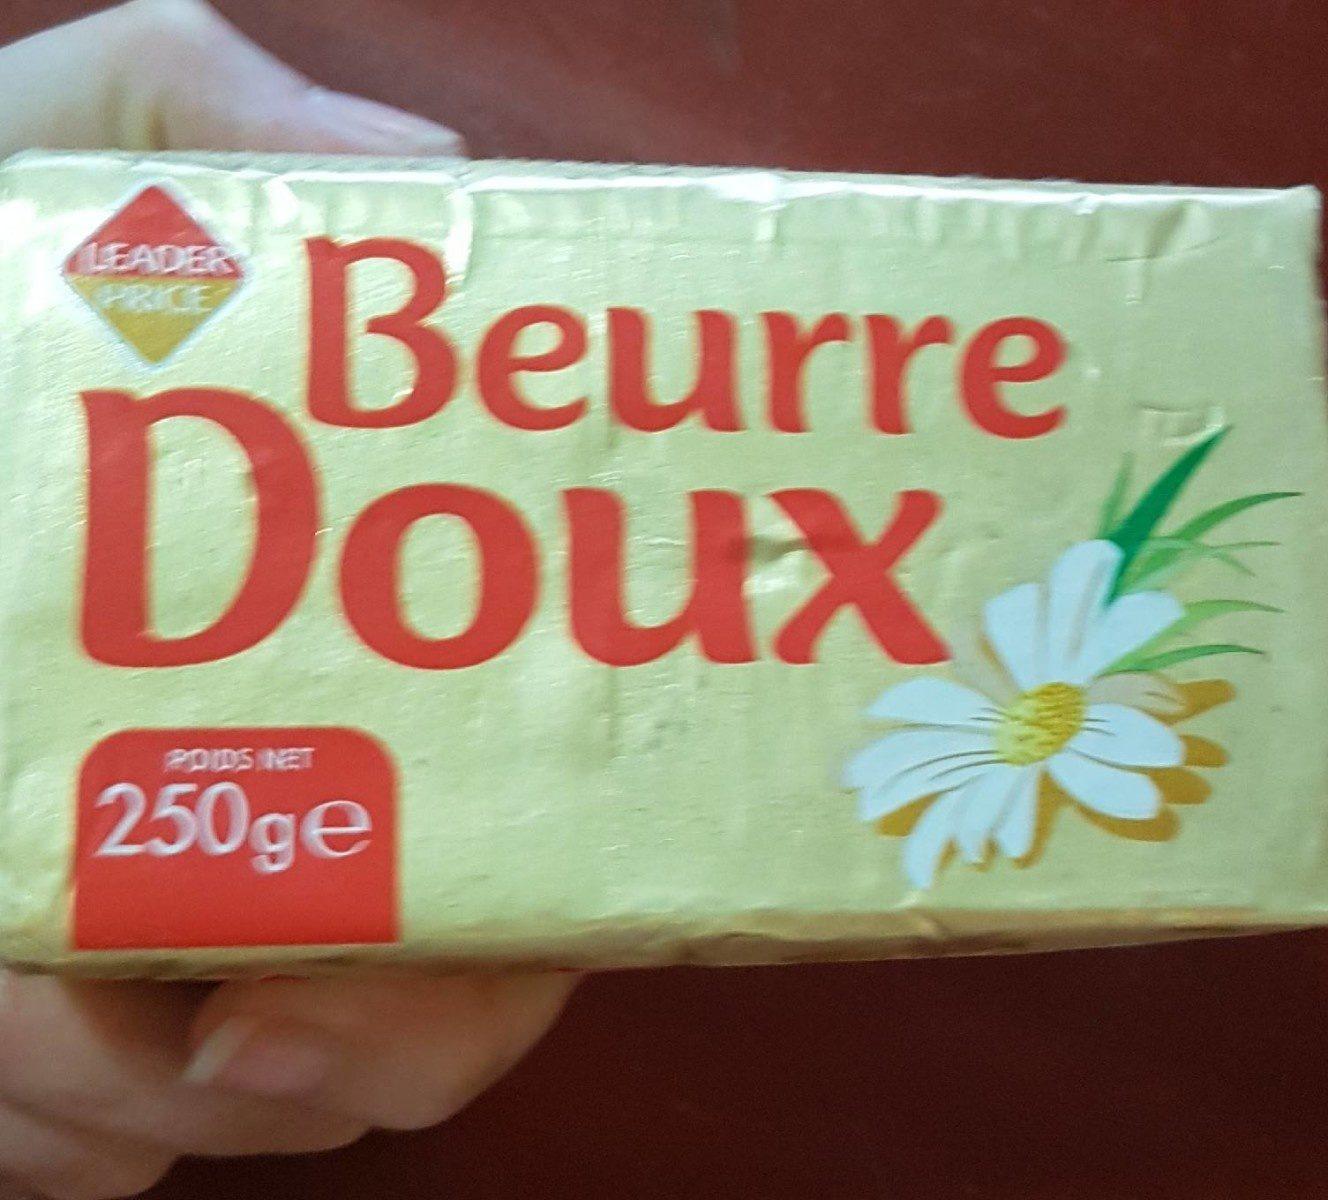 Beurre doux - Prodotto - fr